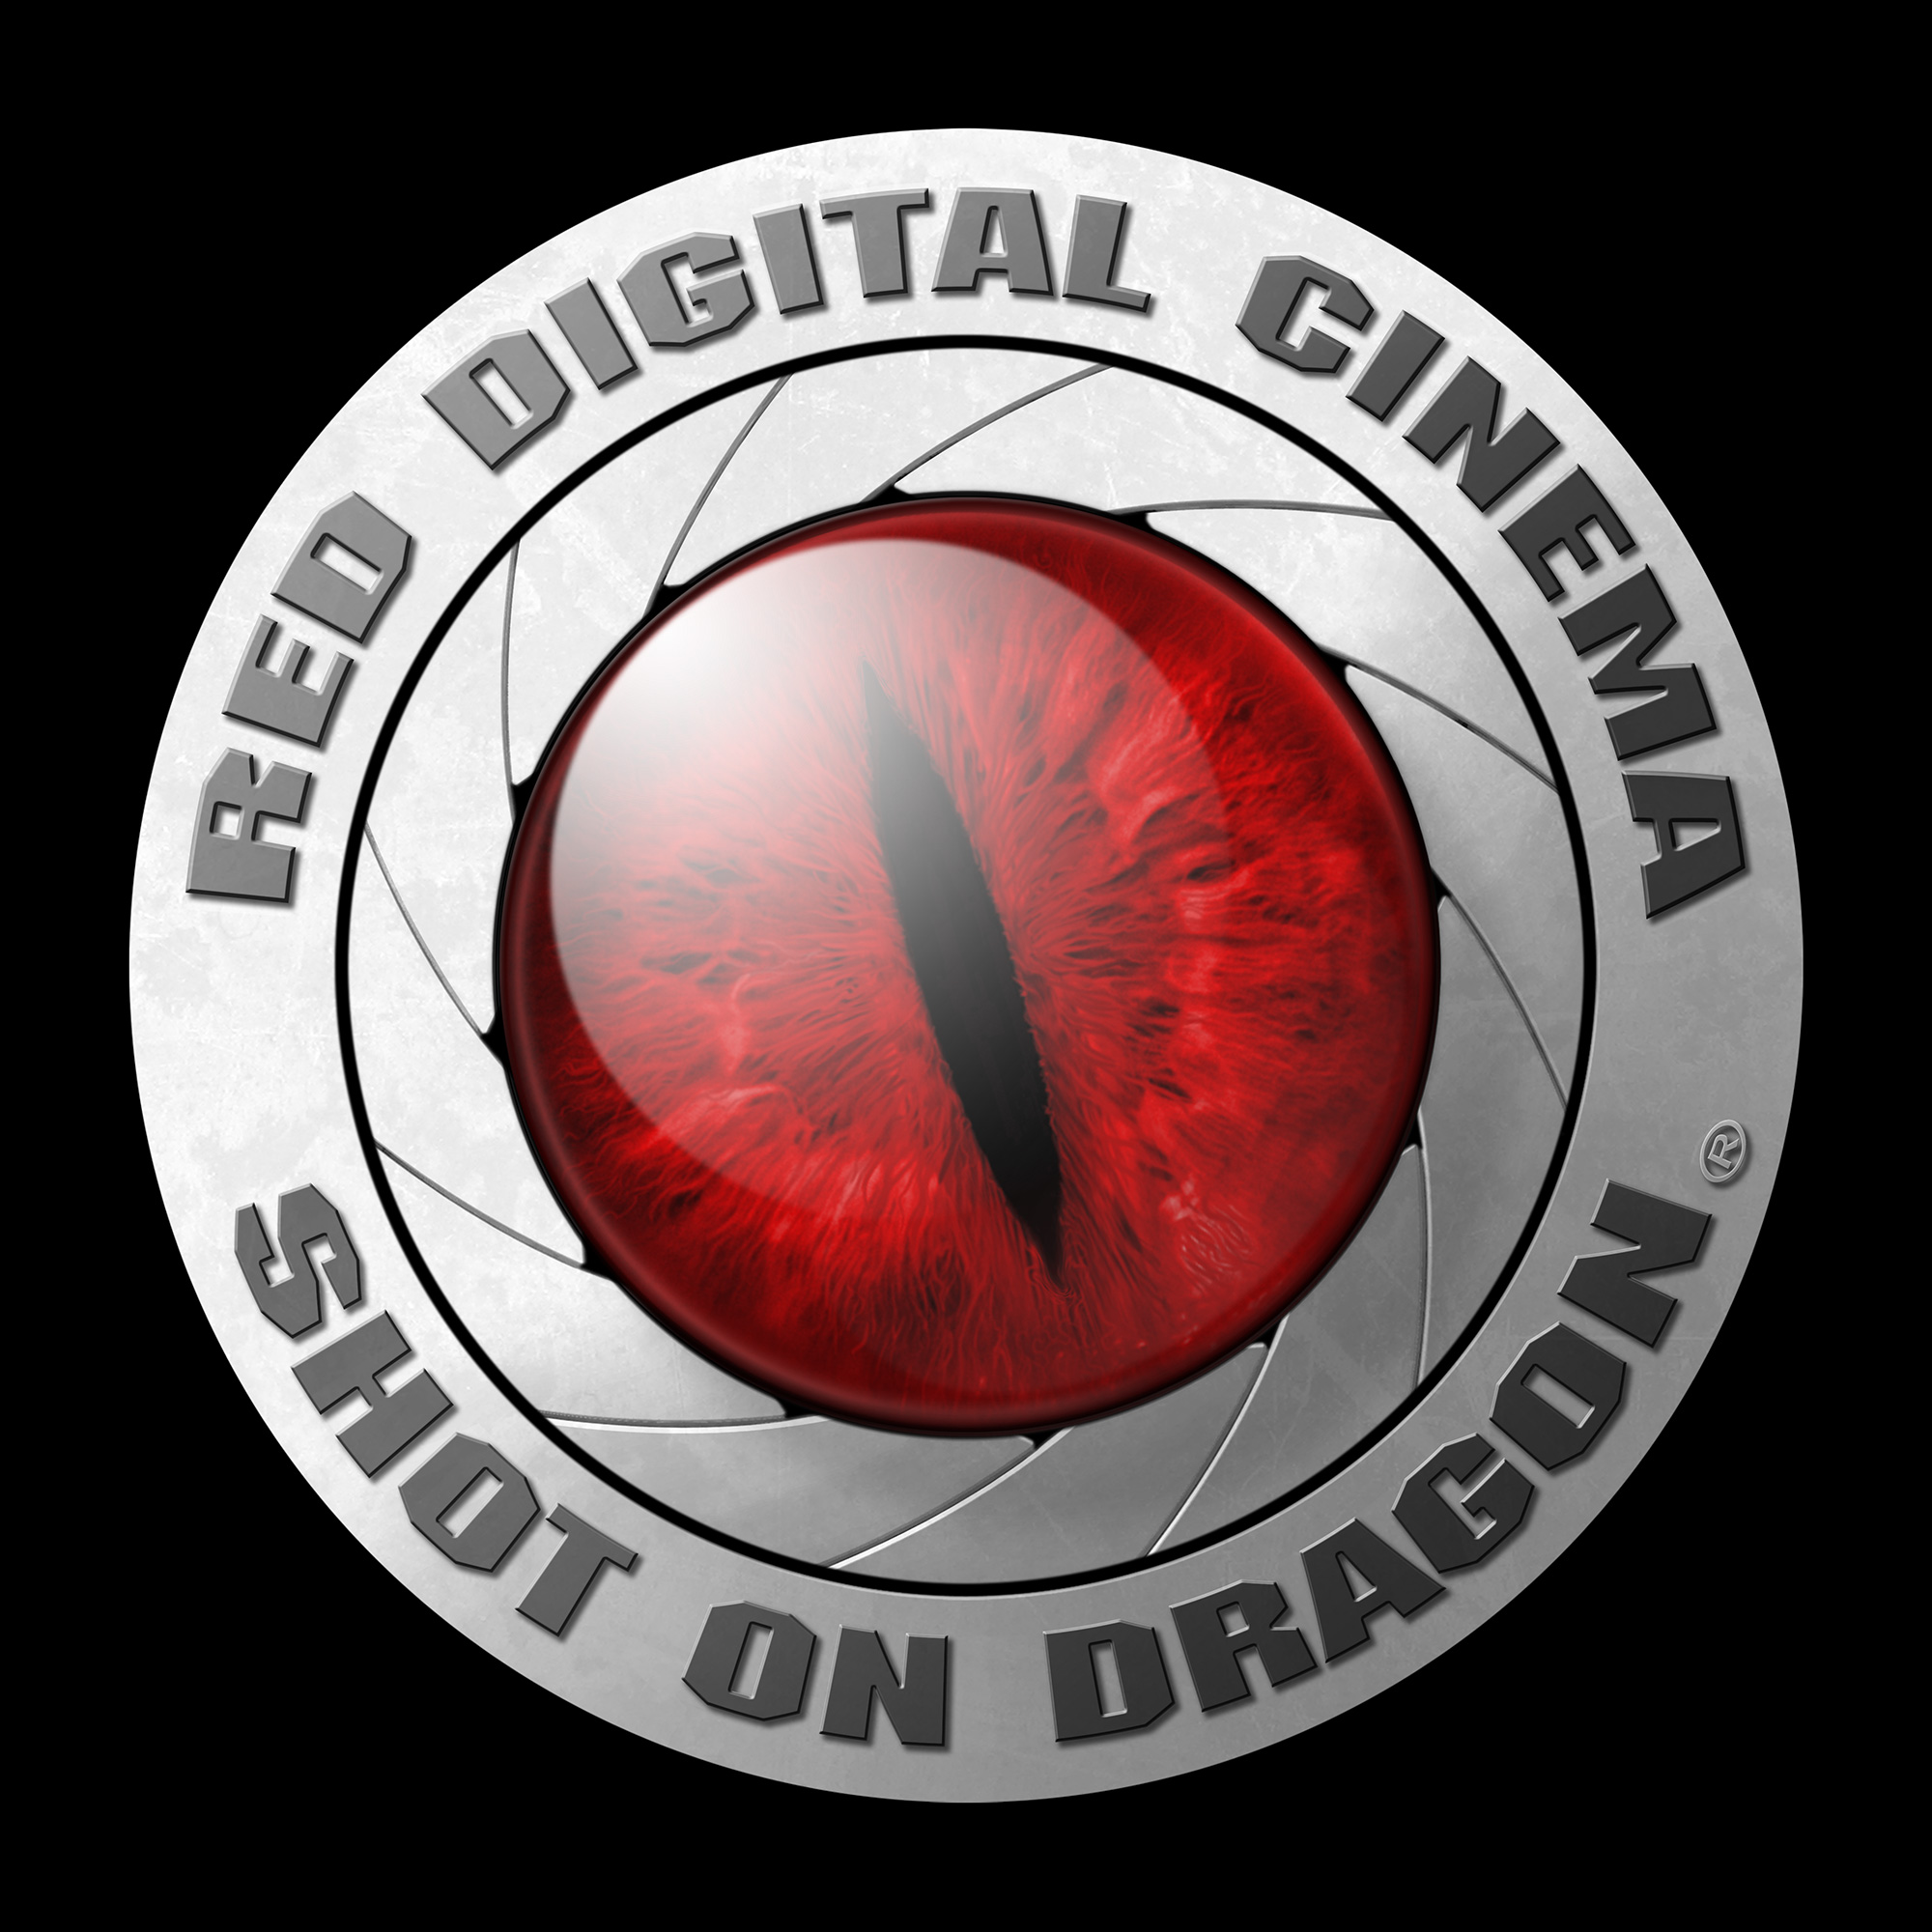 Shot on RED Dragon Logo: